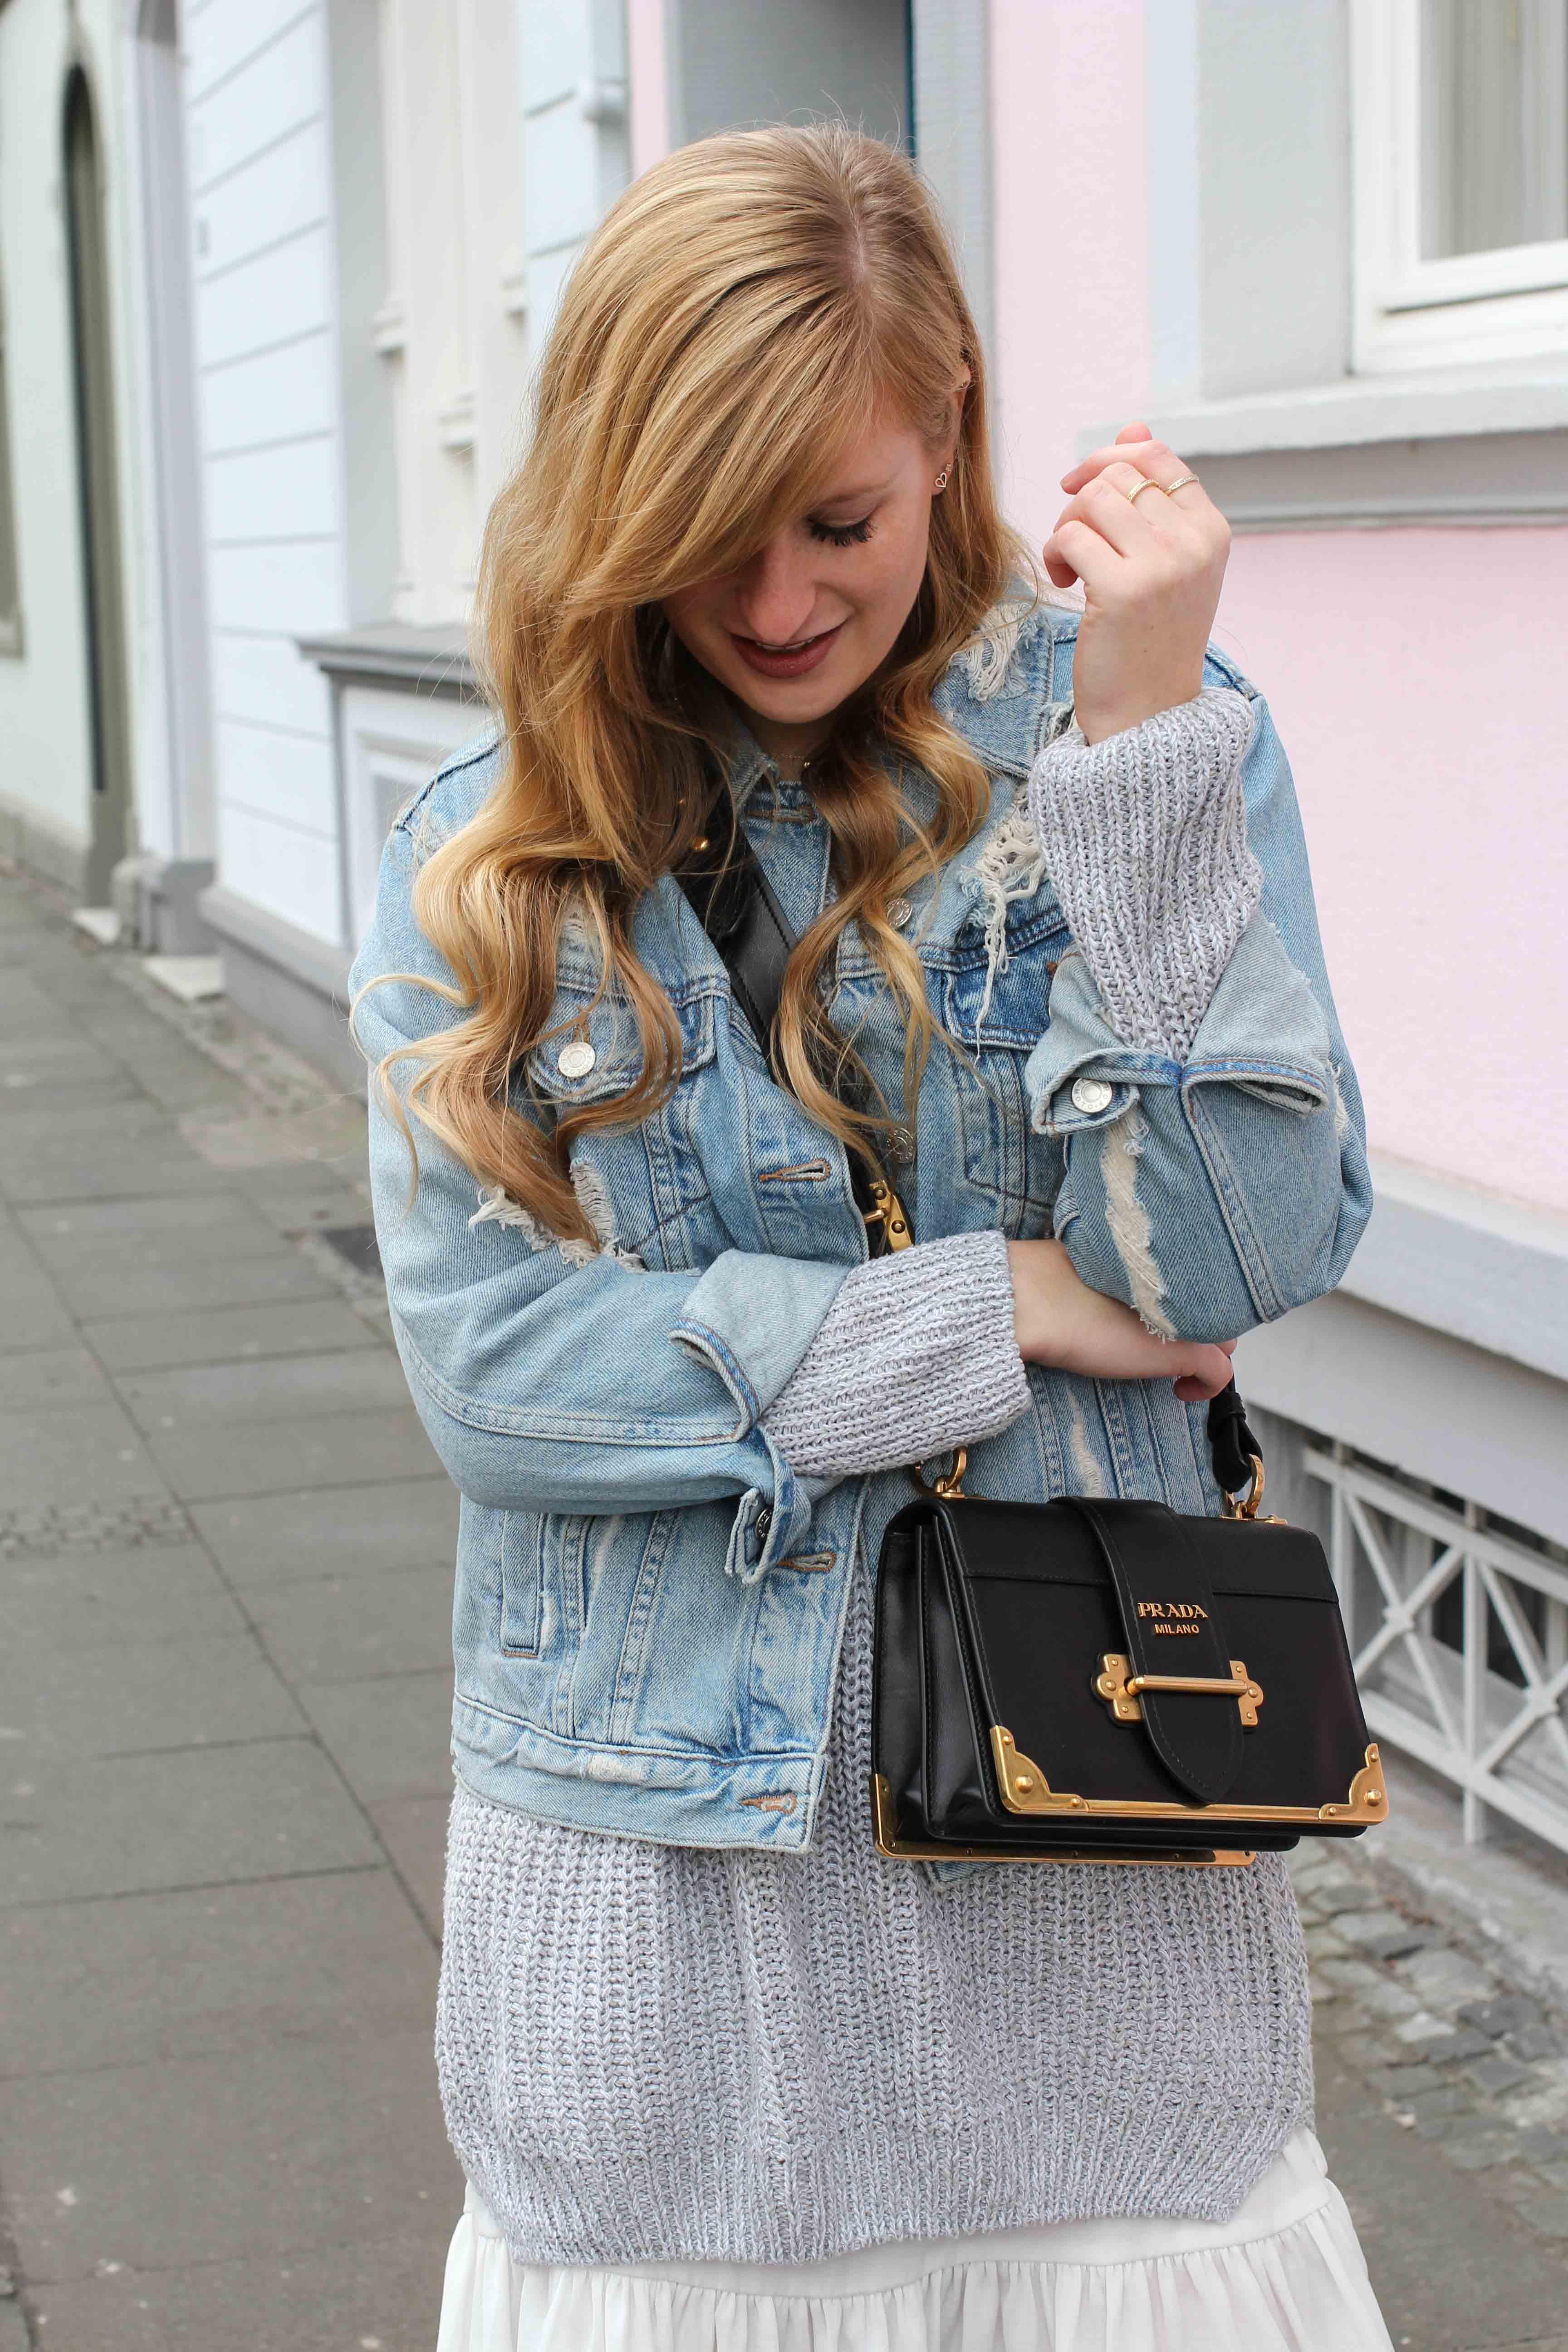 Winter Layering mit Kleid grauer Pullover Outfit zerrissene Jeansjacke Prada Cahier Bag Designertasche Streetstyle Modeblog Bonn Fashion Blog Deutschland